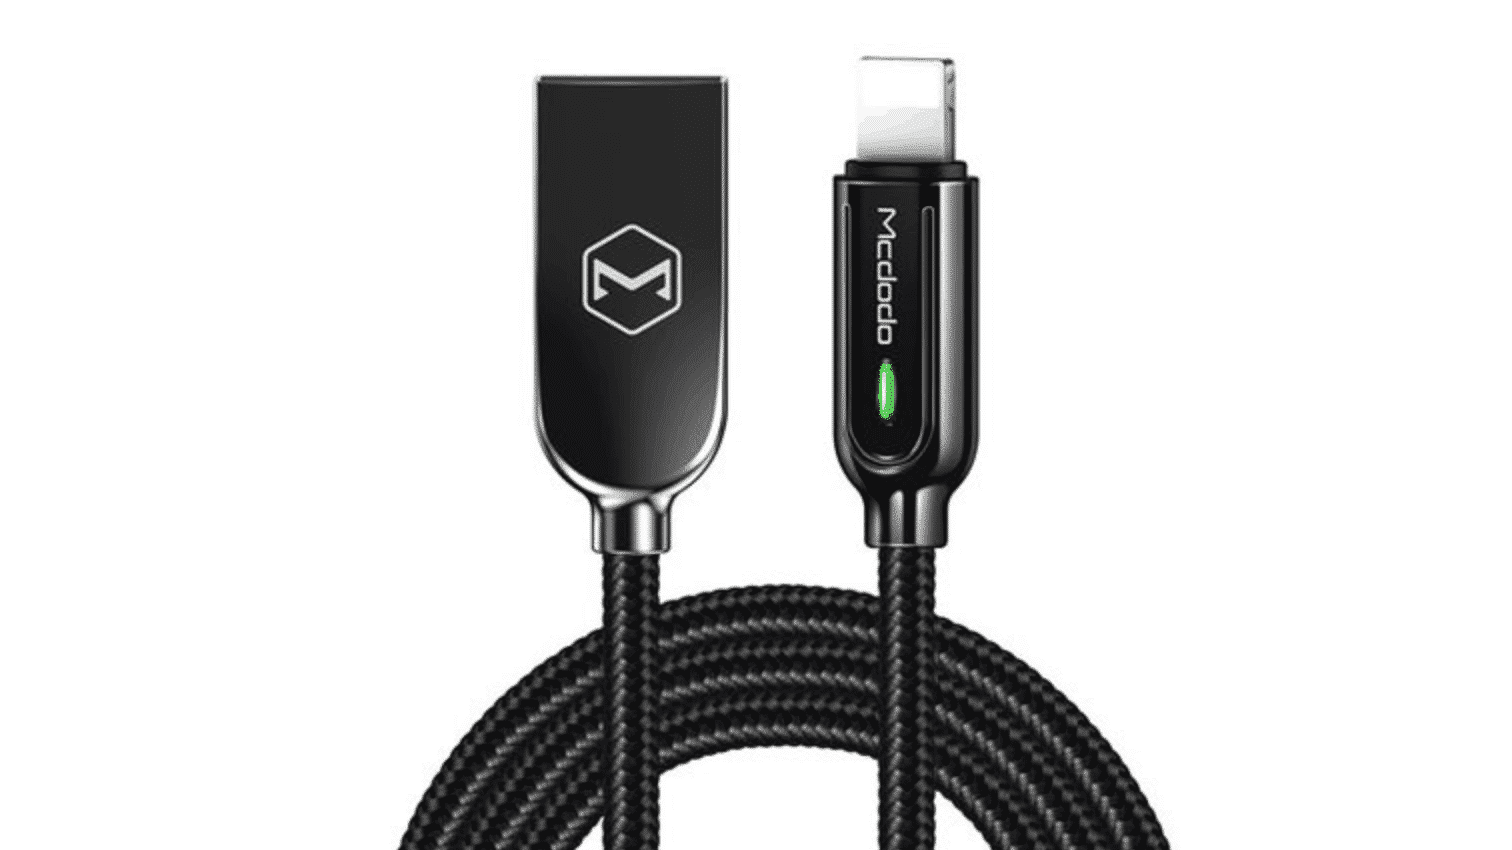 Mcdodo Lightning Bolt 3.0 Lightning Cable